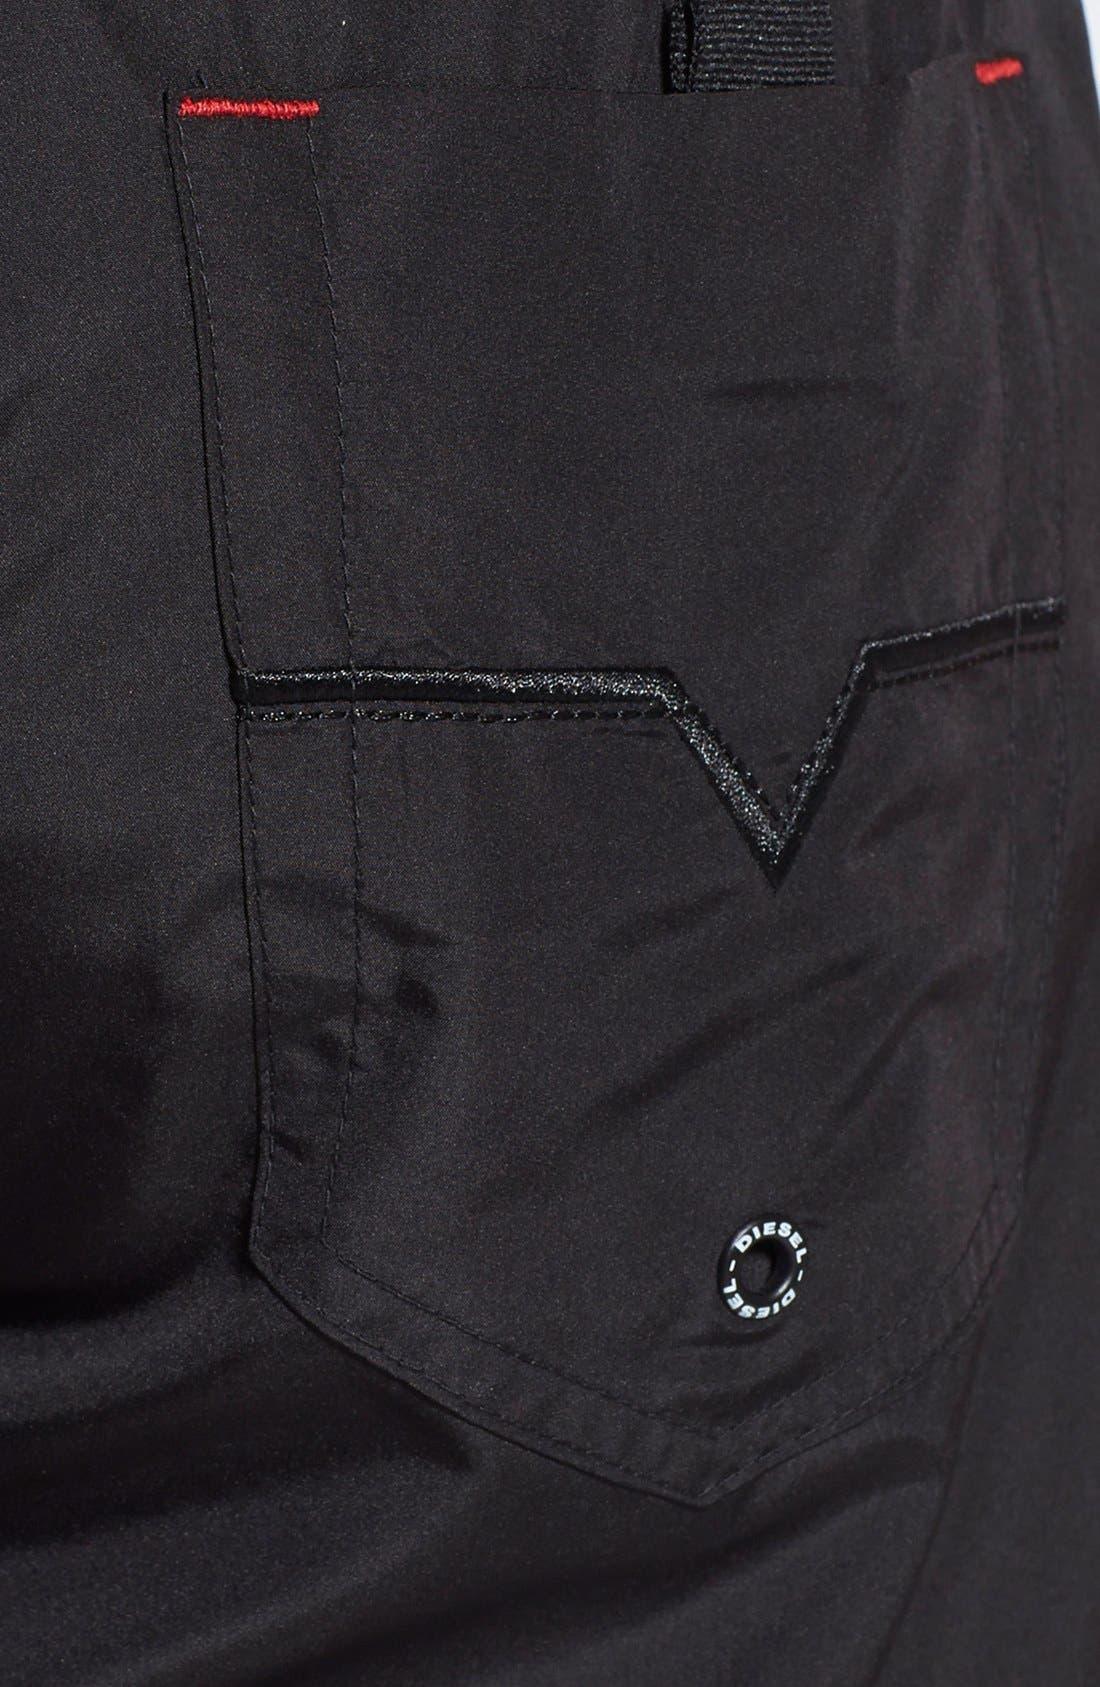 Alternate Image 3  - DIESEL® 'Marked' Swim Trunks